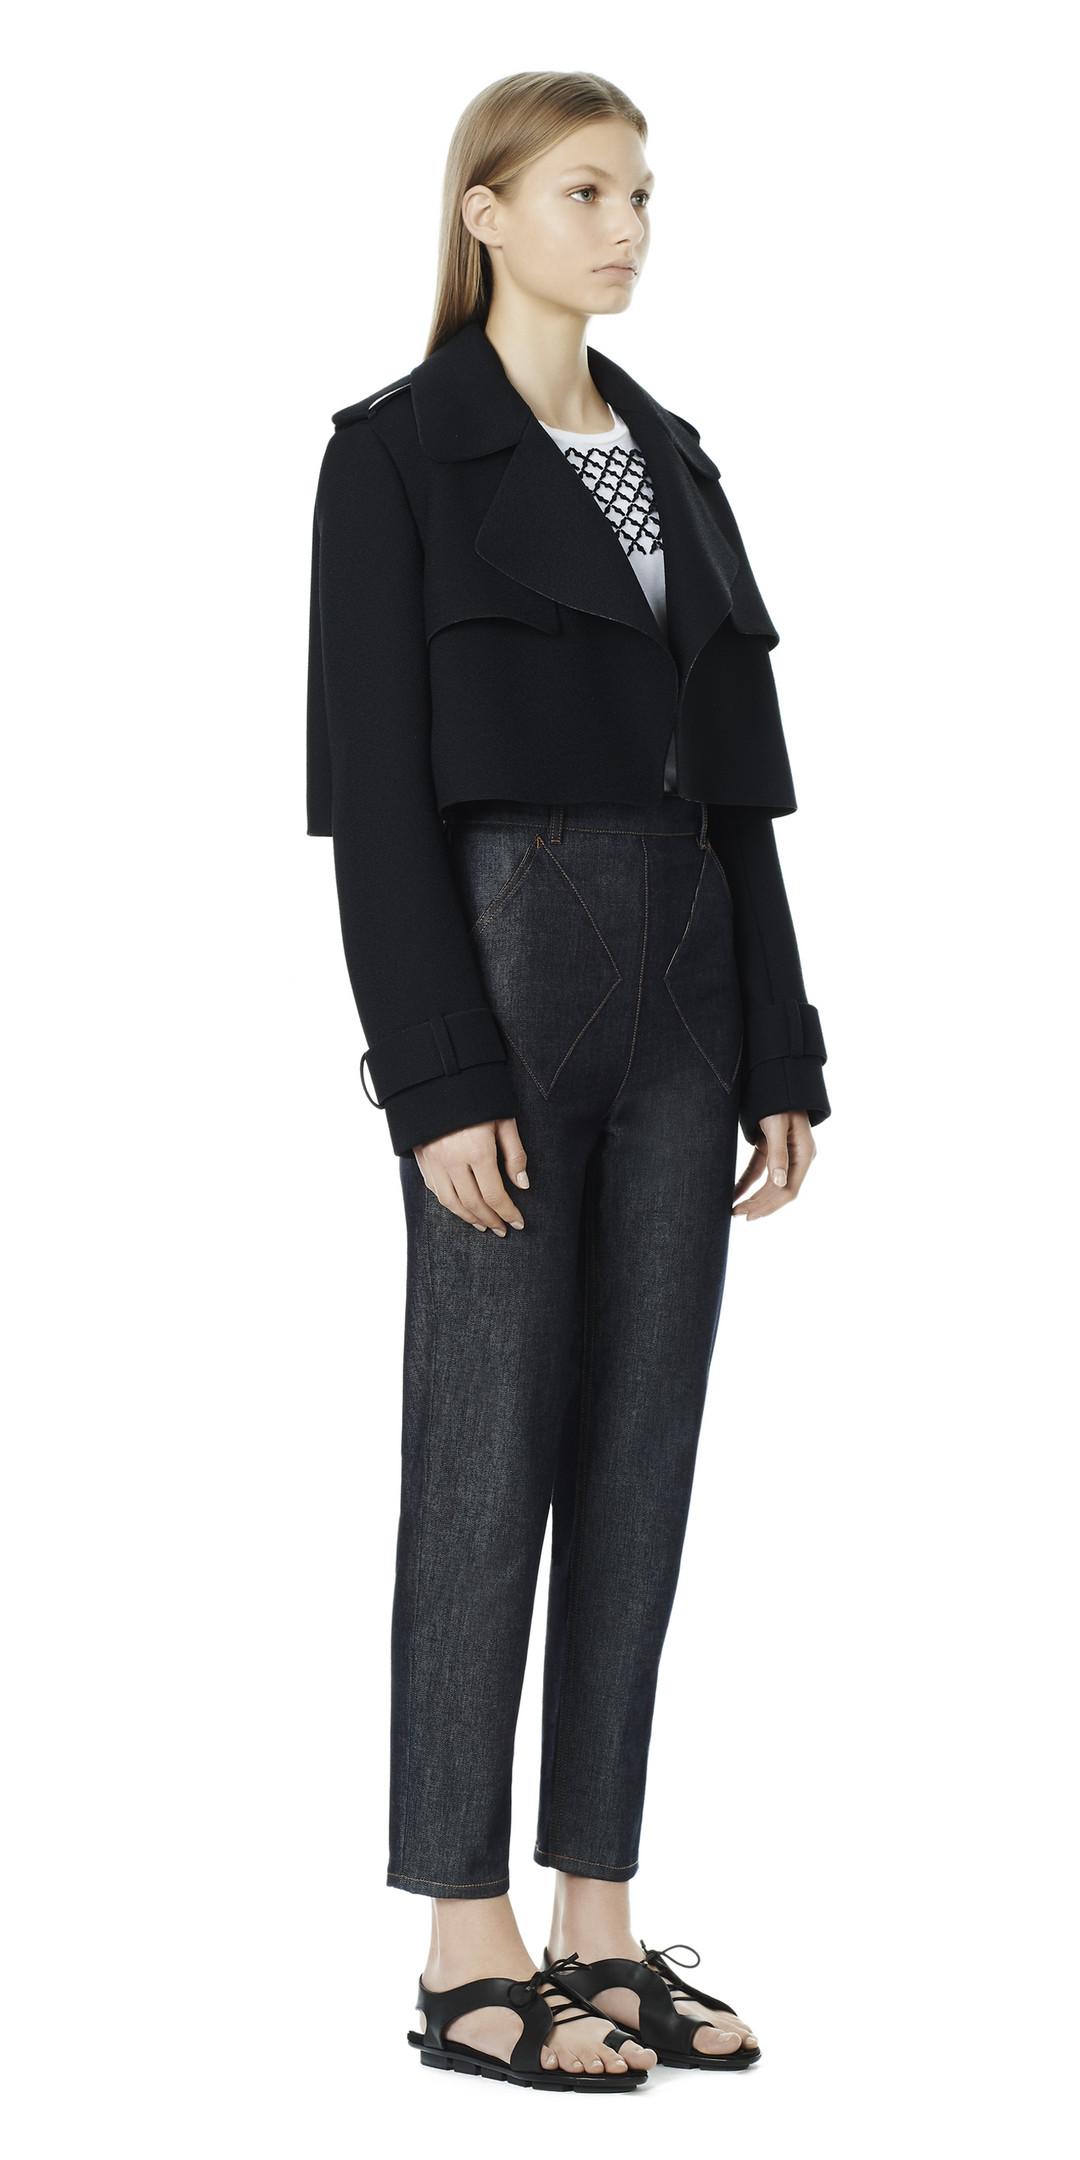 где купить  Джинсы женские Balenciaga  36639246dj  по лучшей цене